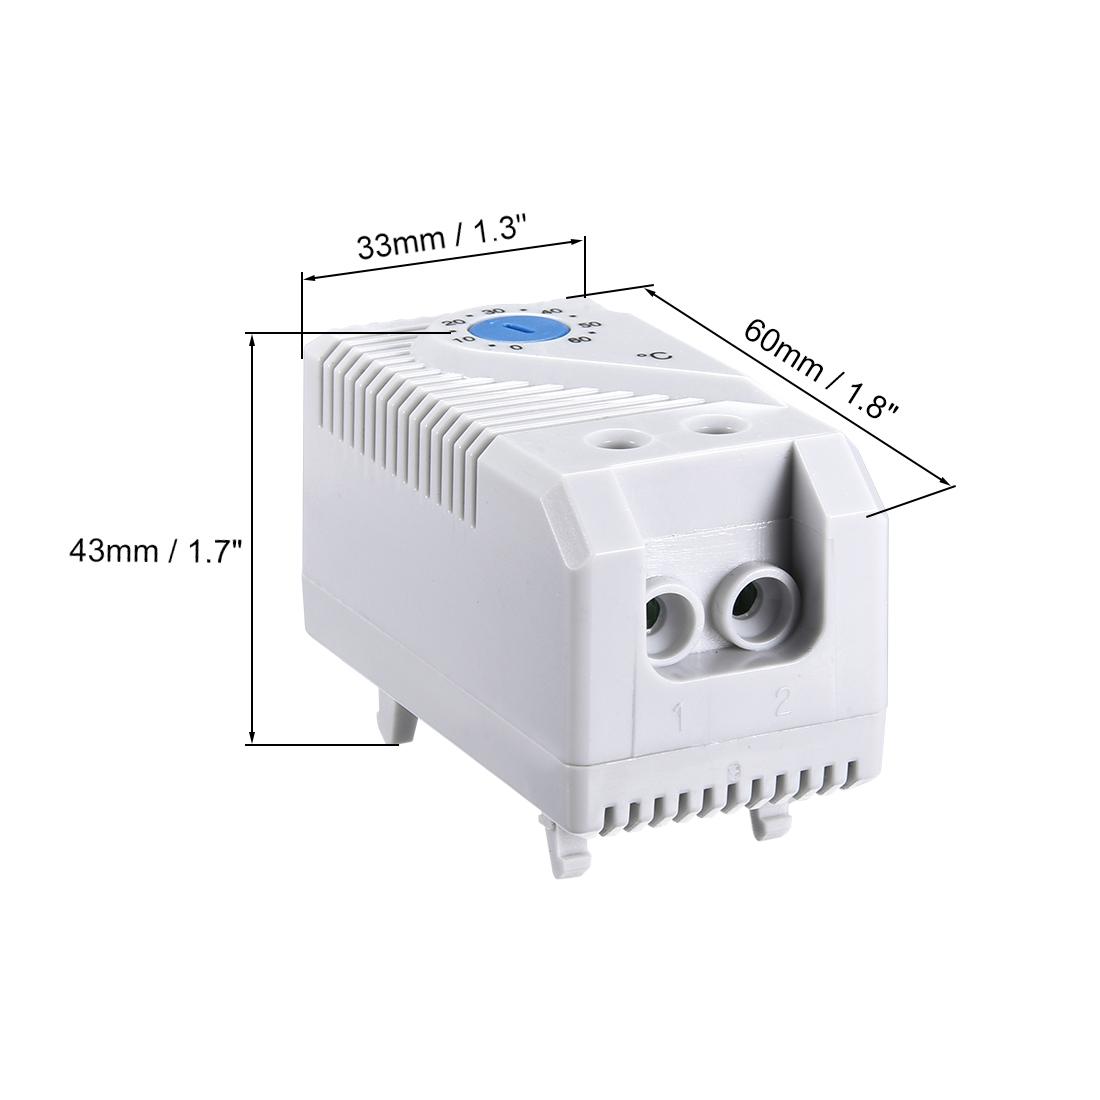 Mécanique Thermostat 0-60 ℃ réglable Compact No Contrôleur de Température Interrupteur